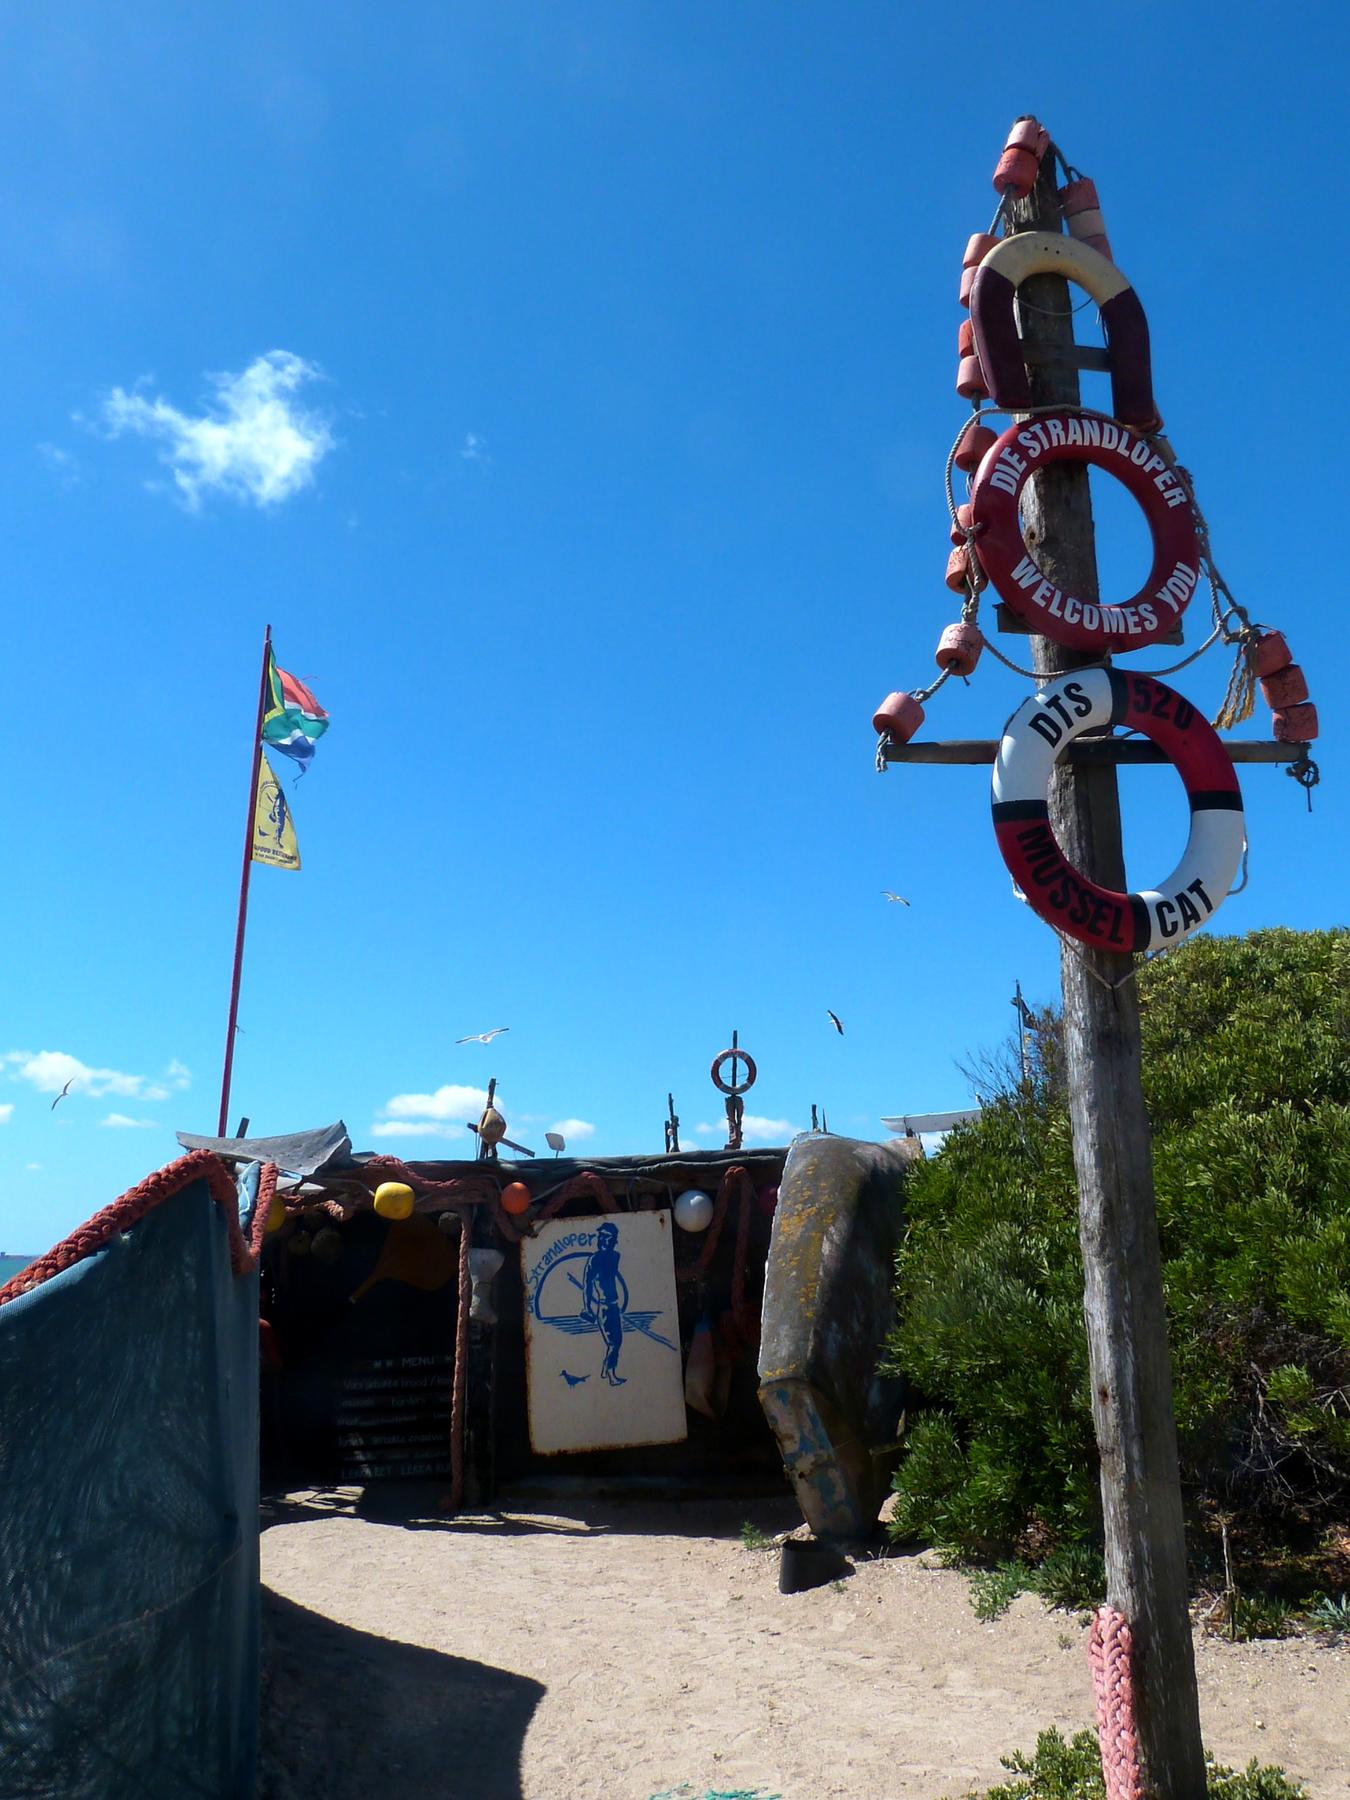 Roteiro-Cidade-do-Cabo-4-a-7-dias-die-strandloper-langbaan-praia Roteiro Cidade do Cabo 4 a 7 dias (Sensacional)!